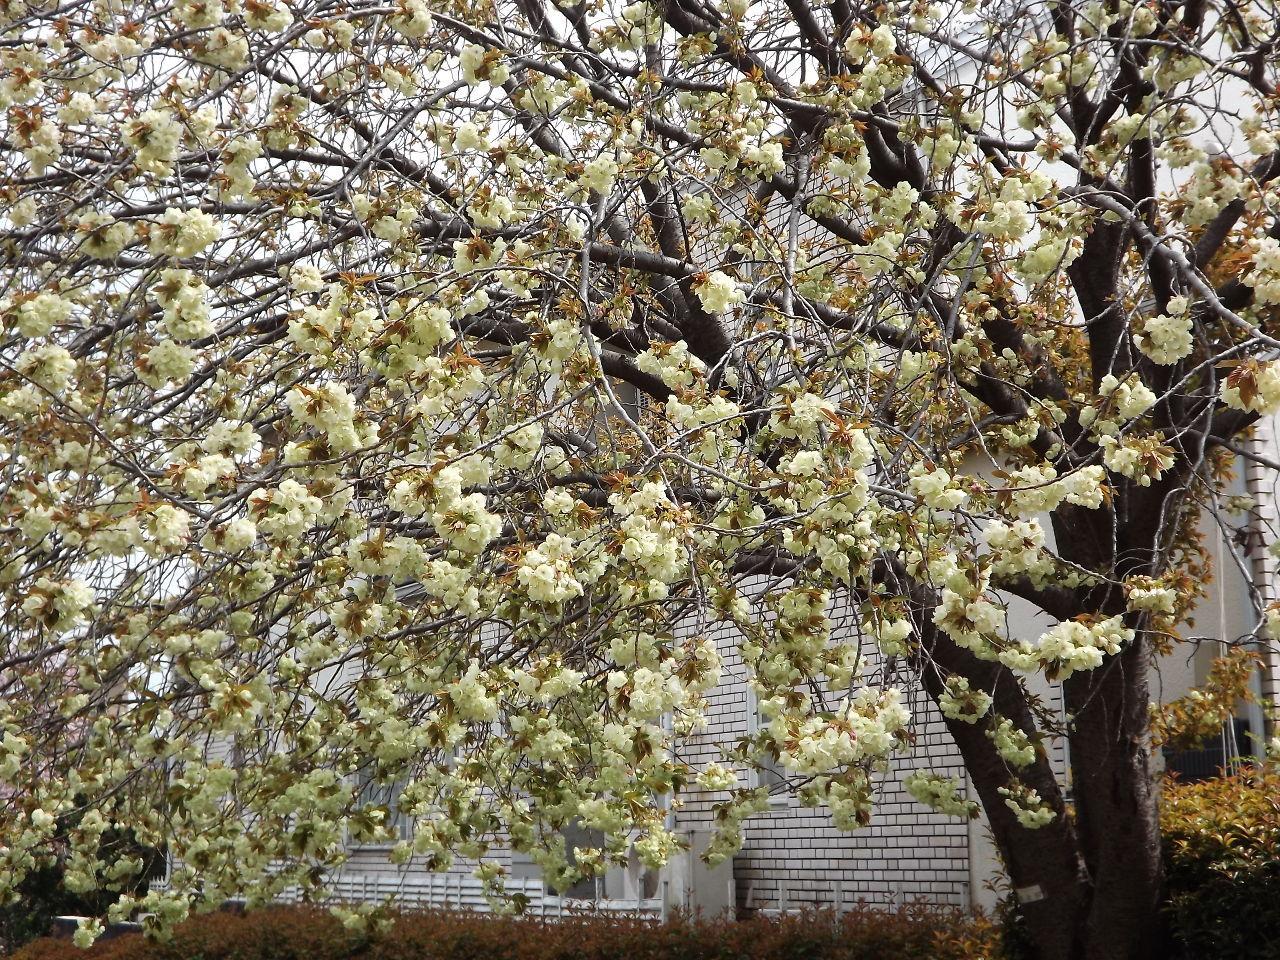 株・カフェ 今日は皆さん。 暖か日になりましたが花散らしの風が強く吹いています。この風で大方の桜は散りましたね。